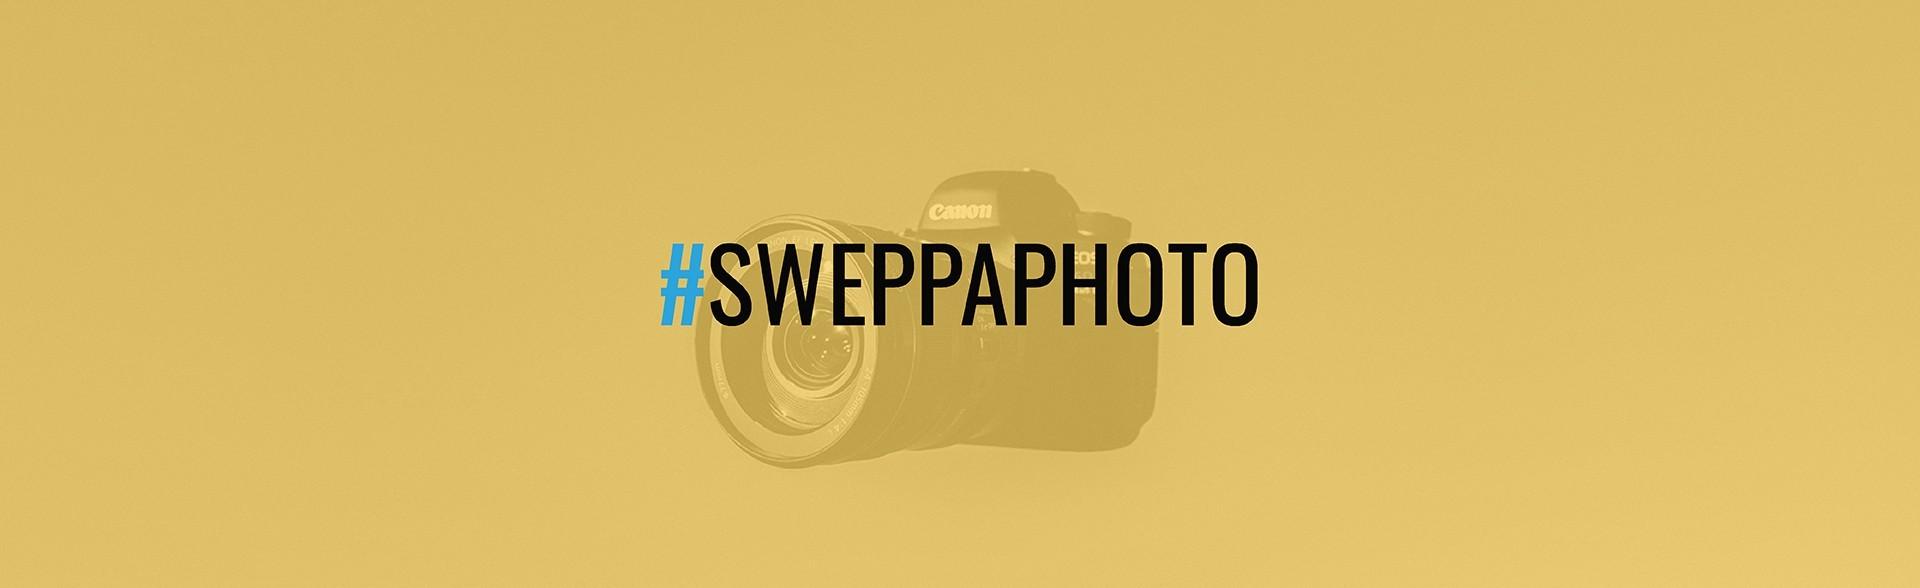 Sweppa servizi di foto e stampa per pubblicità cartacea e web